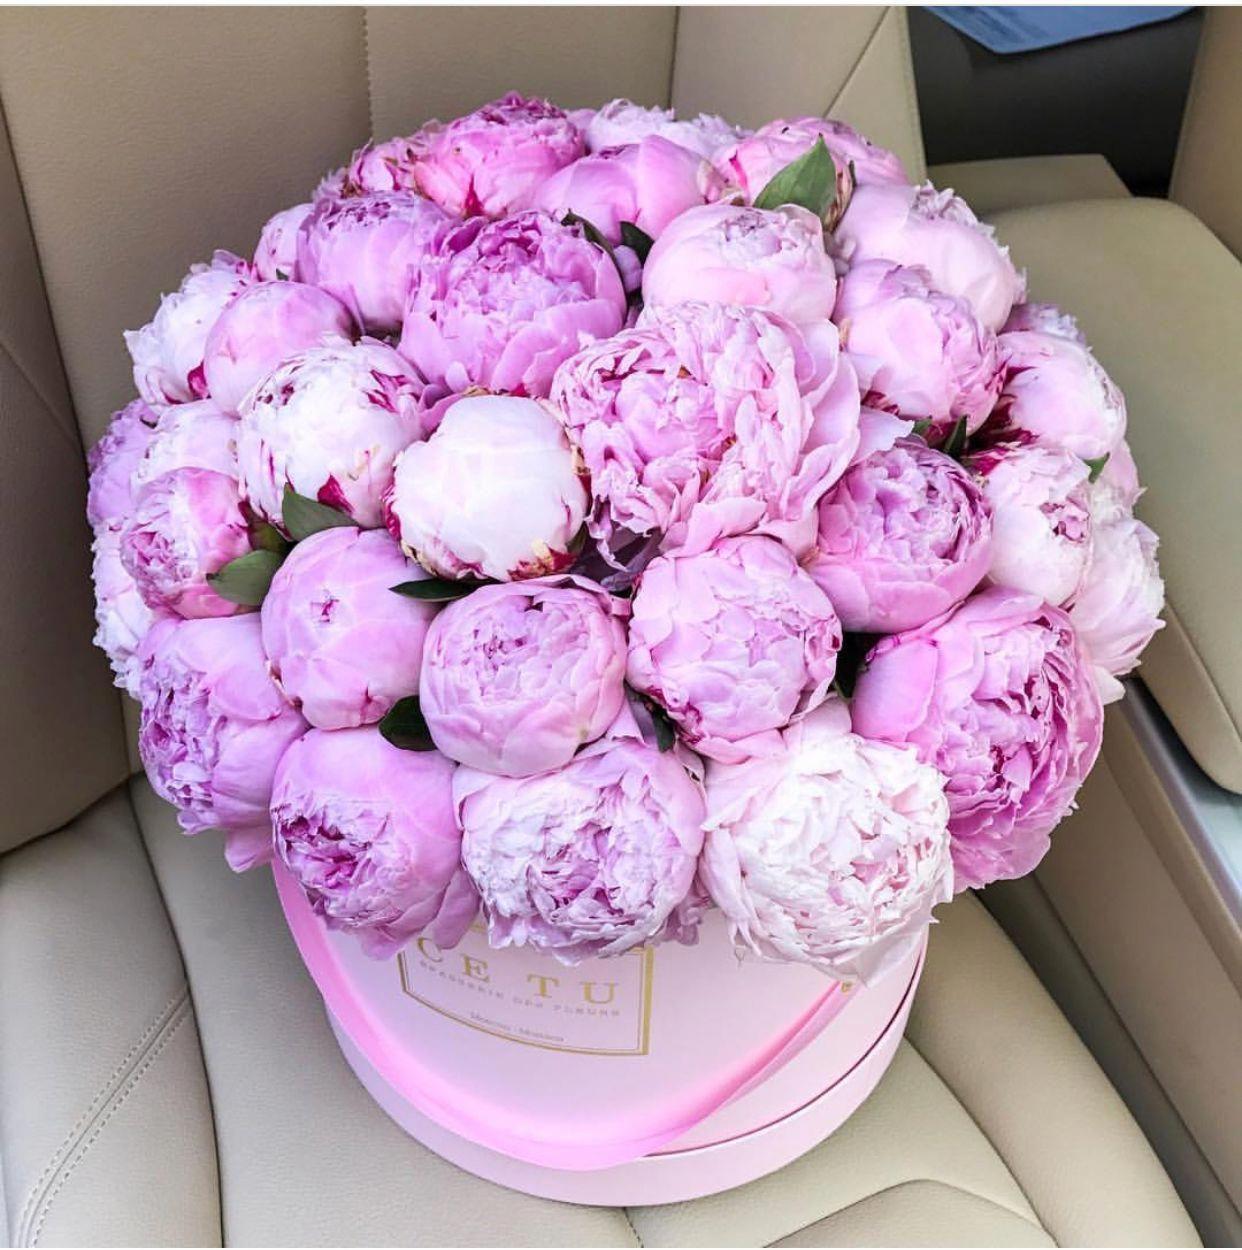 Peonies Asda Peonies Beautiful Flowers Beautiful Flower Arrangements Luxury Flowers